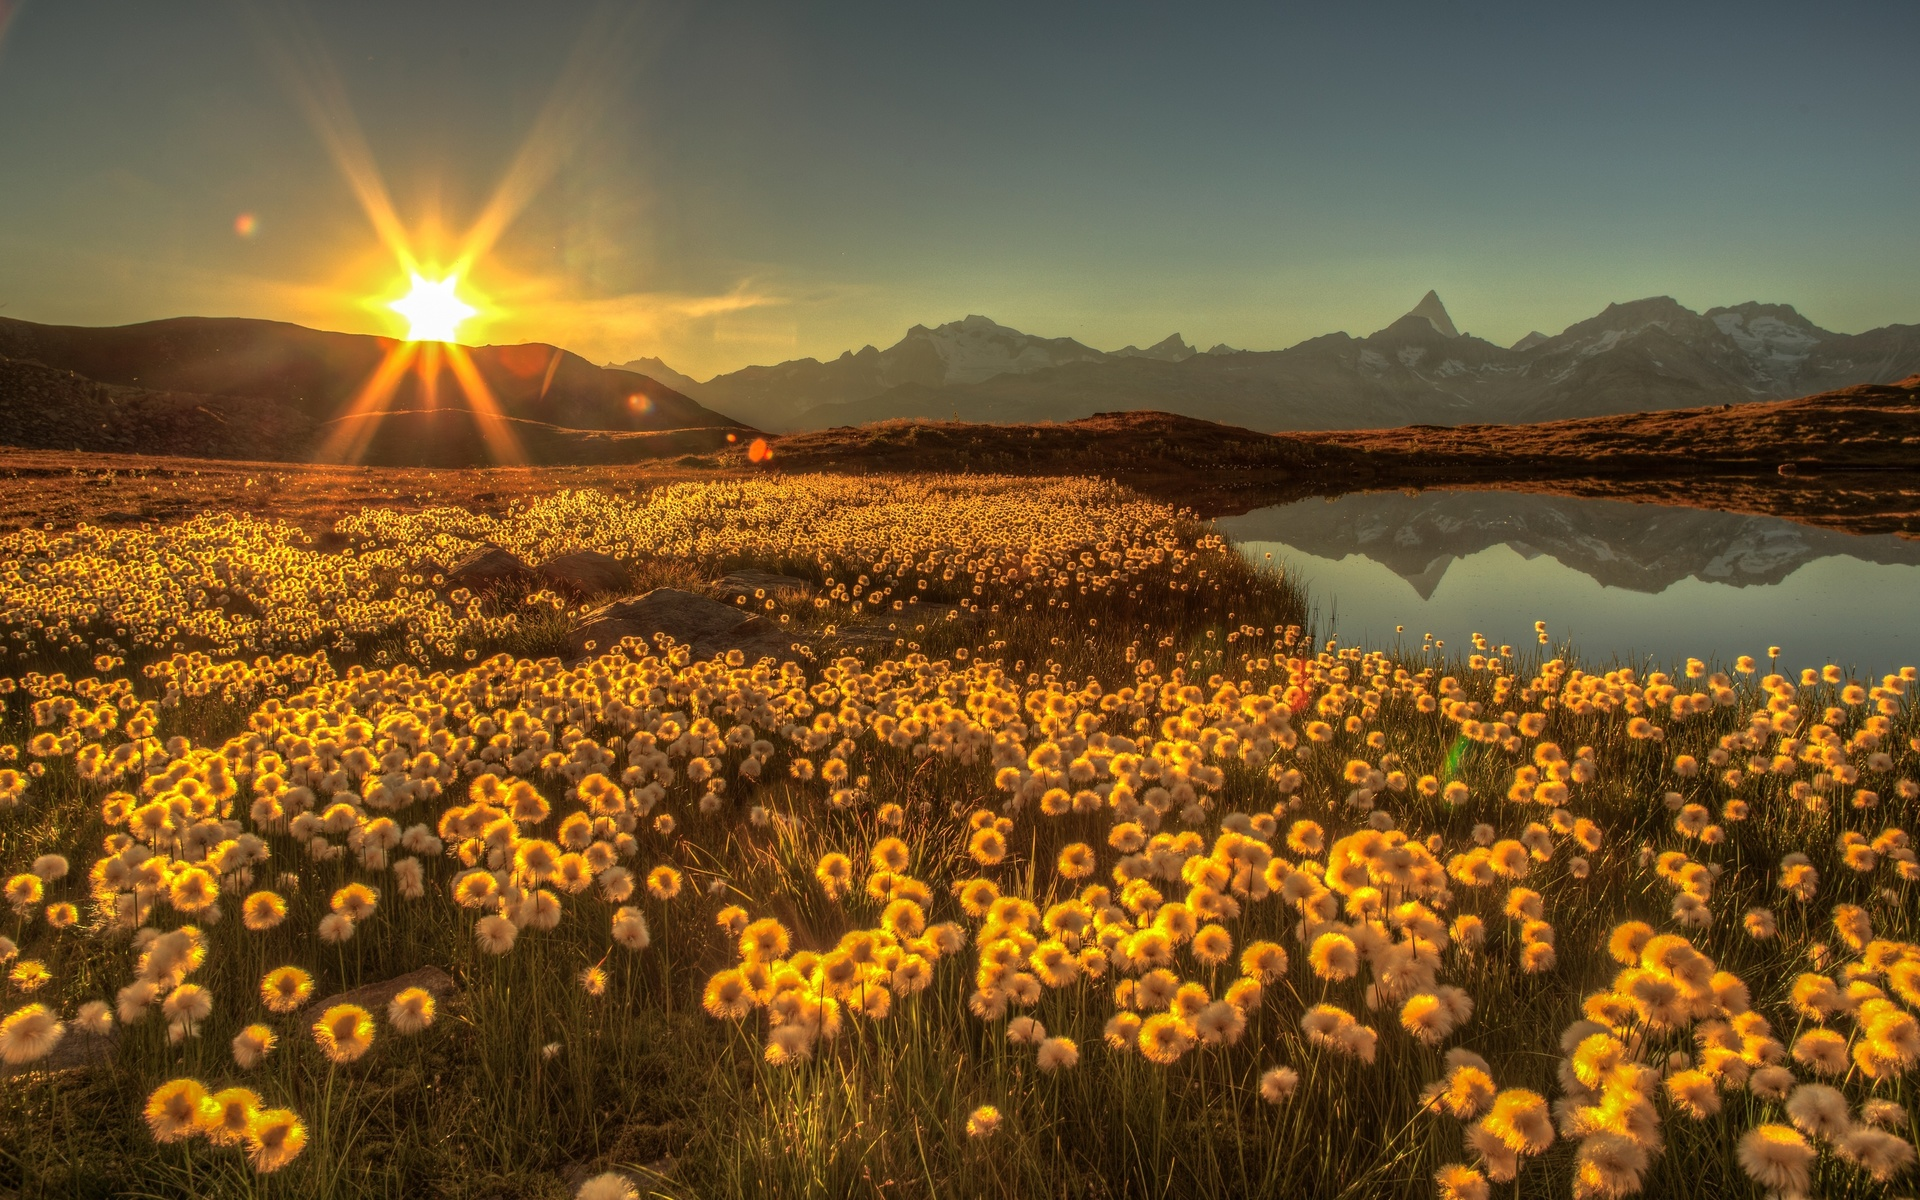 Картинки с добрым вечером с видом на солнечное поле ромашек